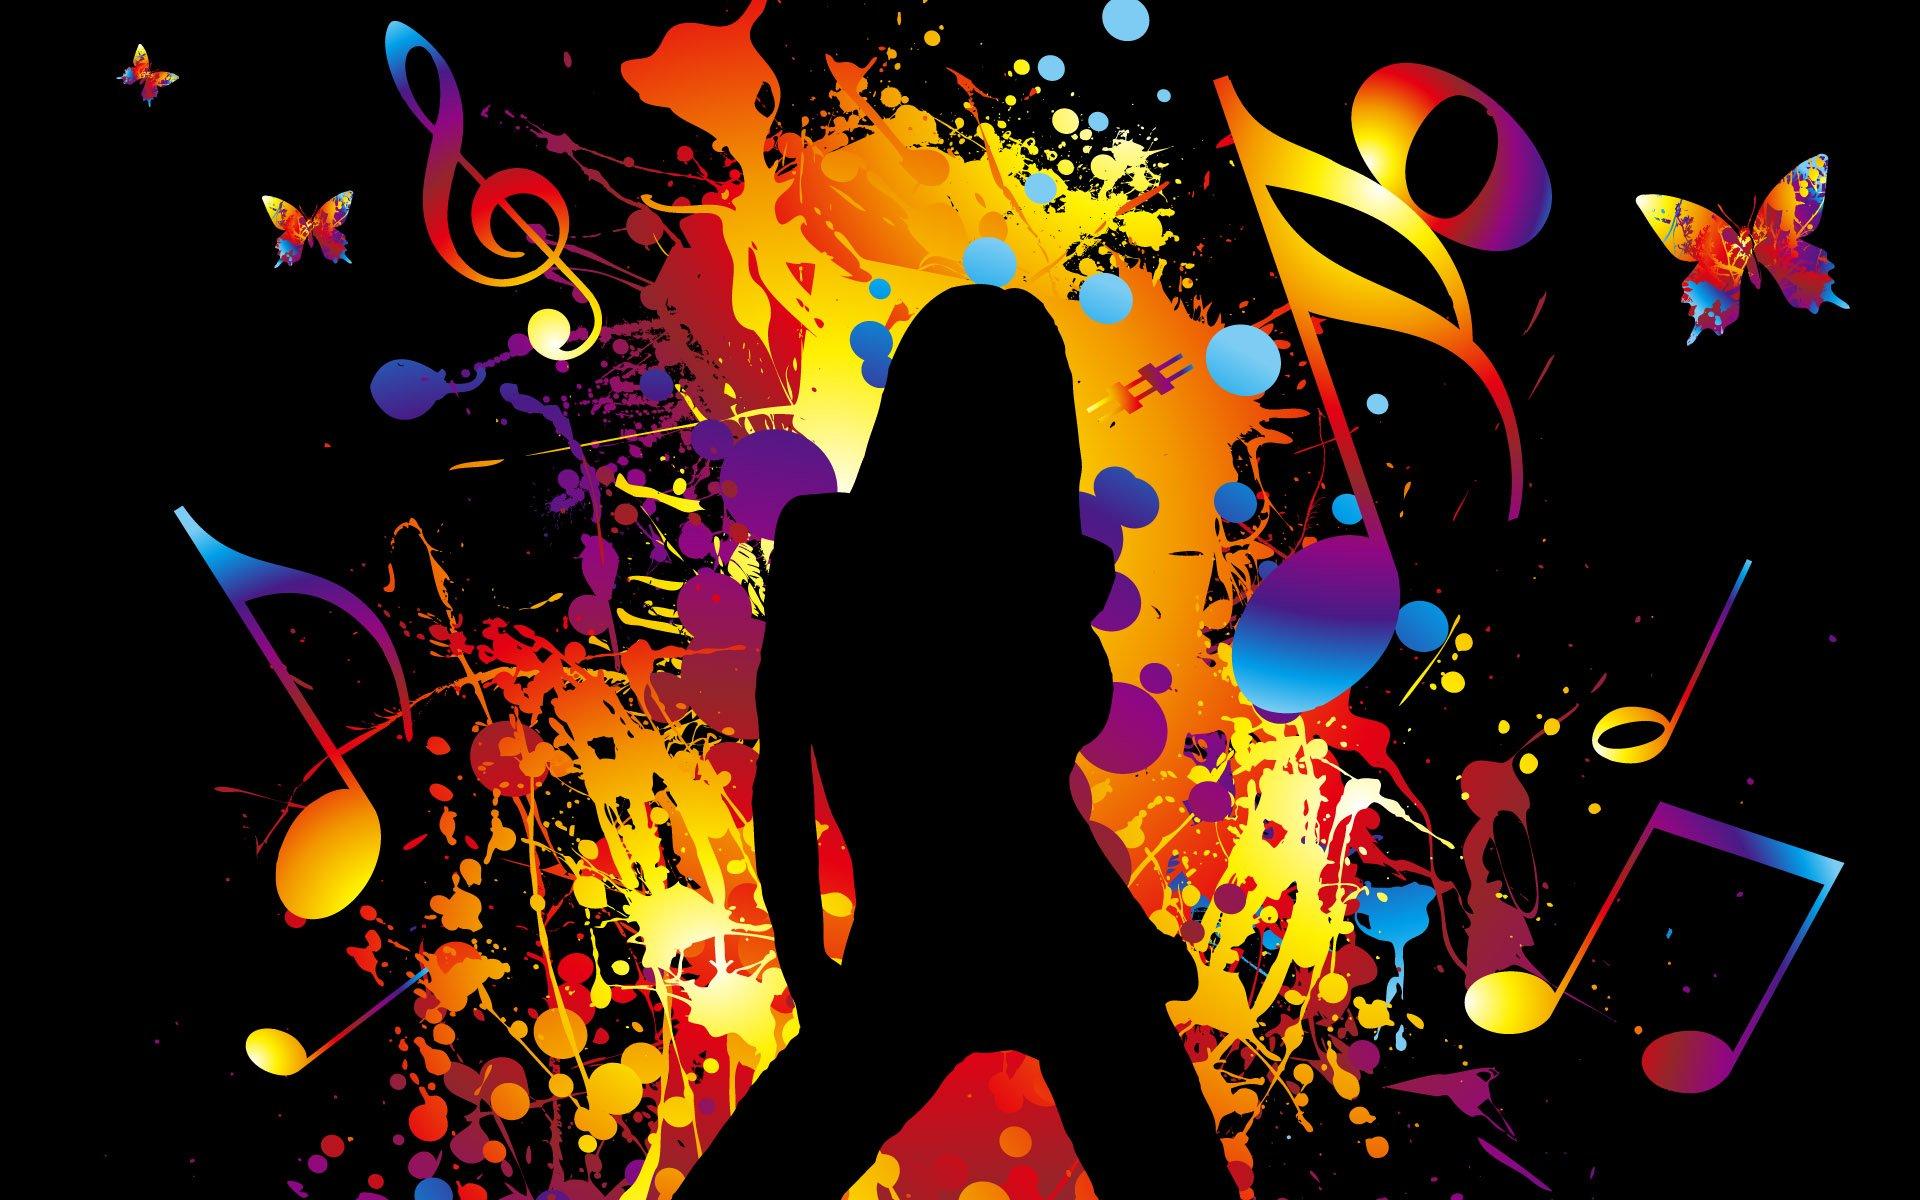 Disco dance music club wallpaper | 1920x1200 | 458685 ...